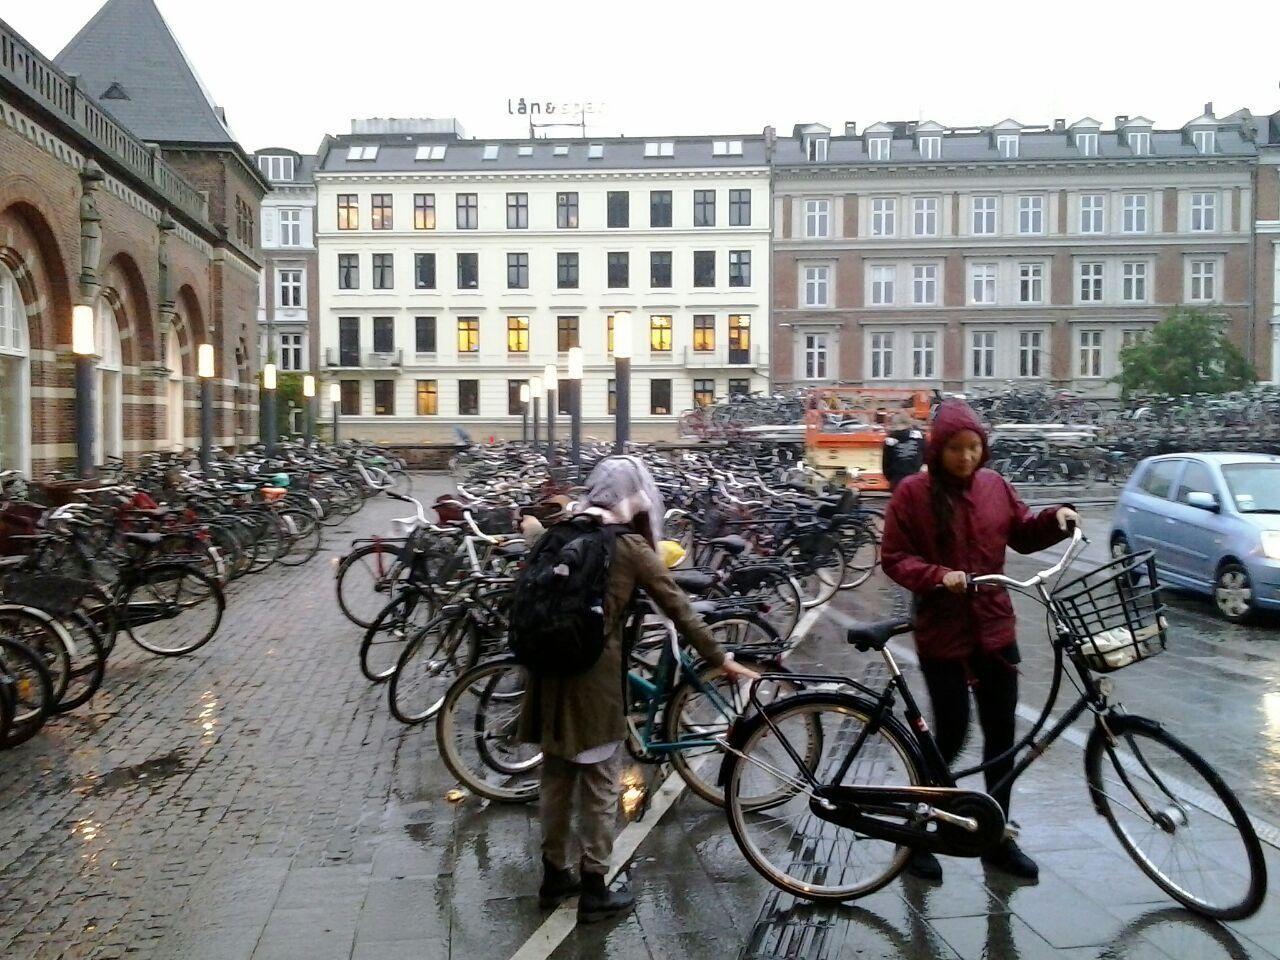 Analisis del ciclismo urbano en Copenhague, capital de Dinamarca